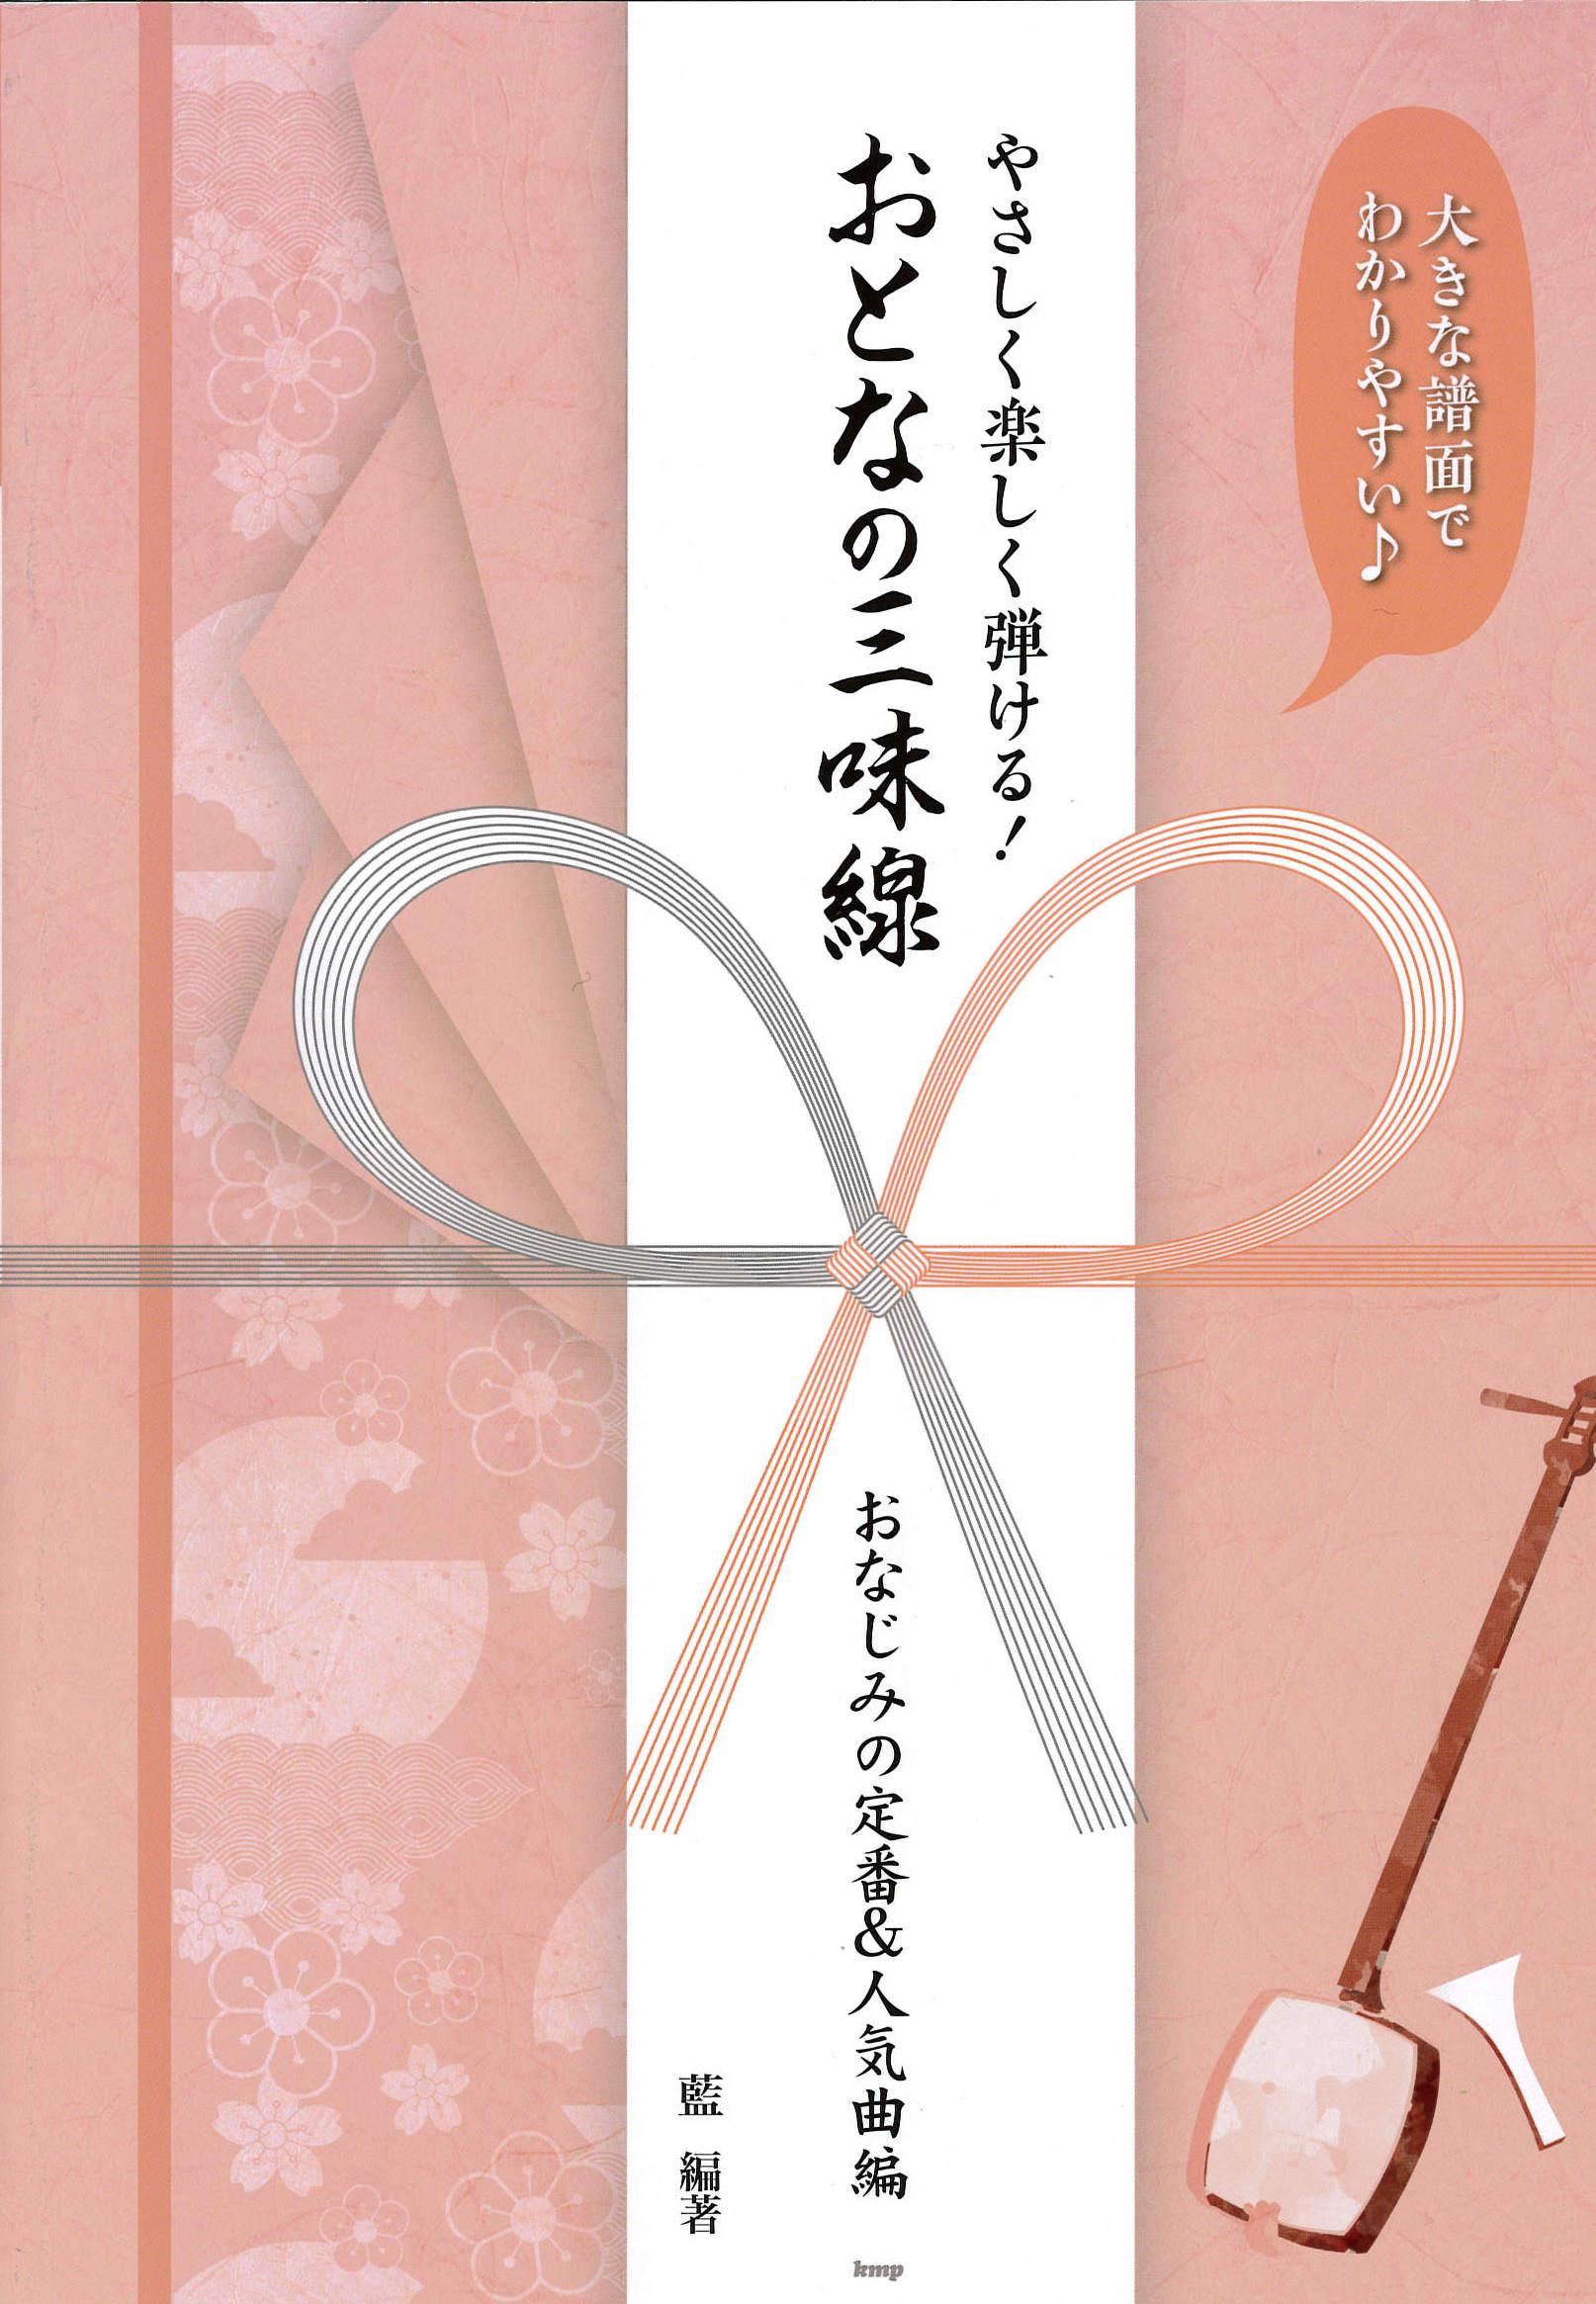 楽譜集 おとなの三味線 おなじみの定番&人気曲編[5675]